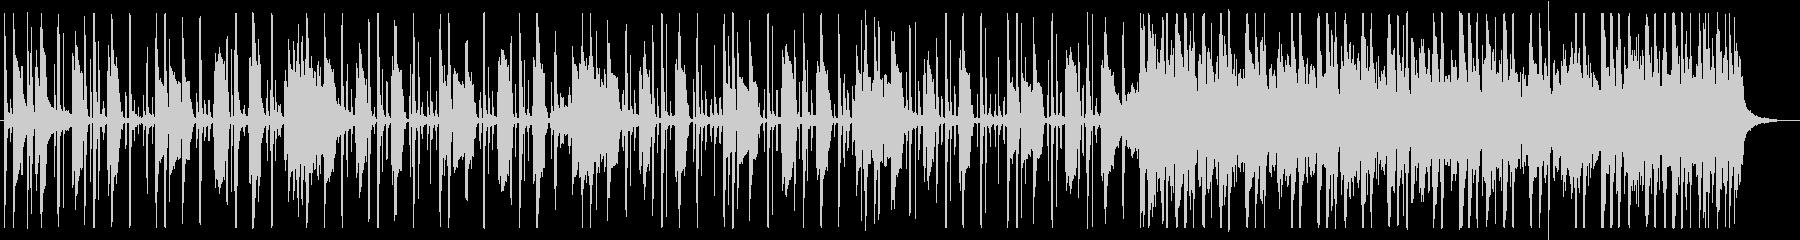 ファンク/生演奏_613_2の未再生の波形